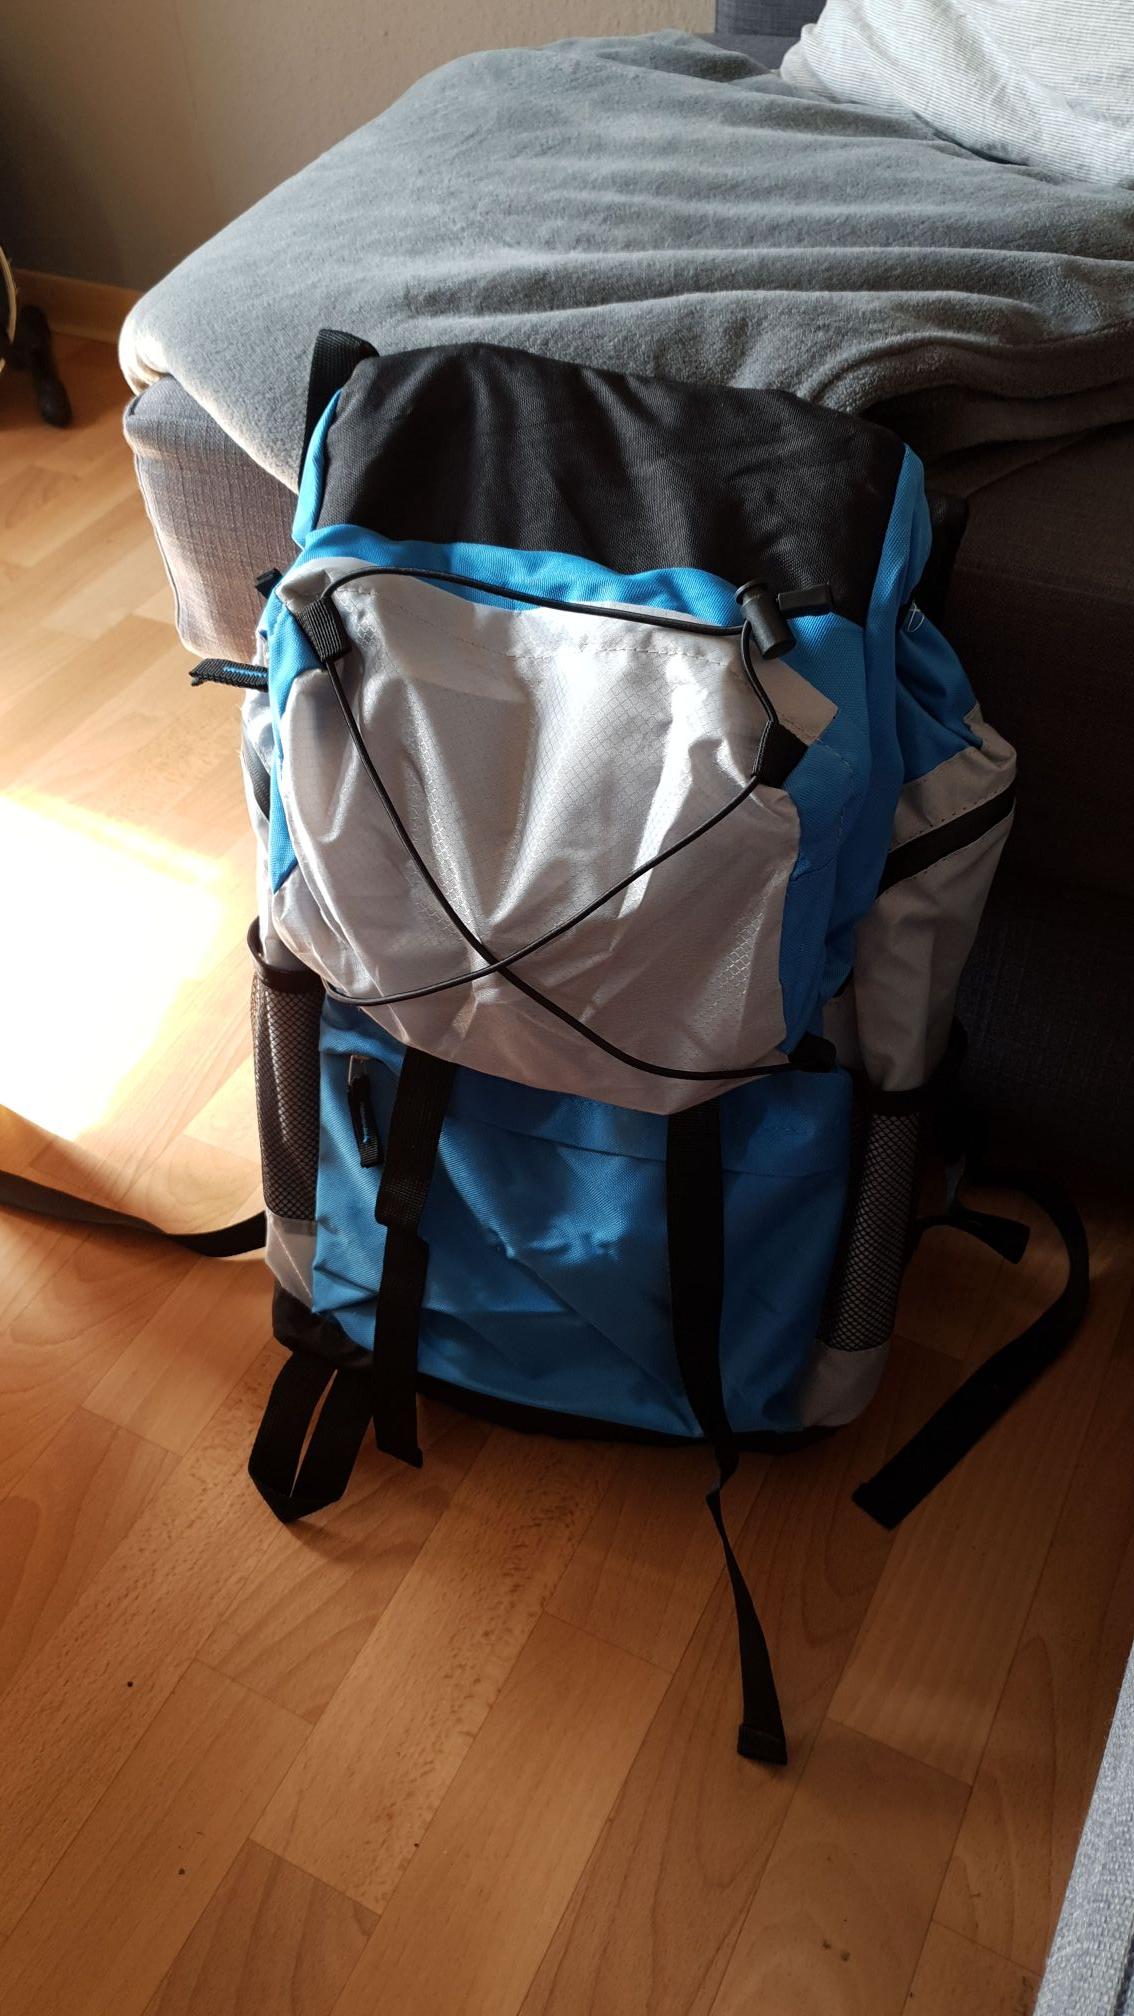 Adventuridge Touren-Rucksack in 30 und 45 l